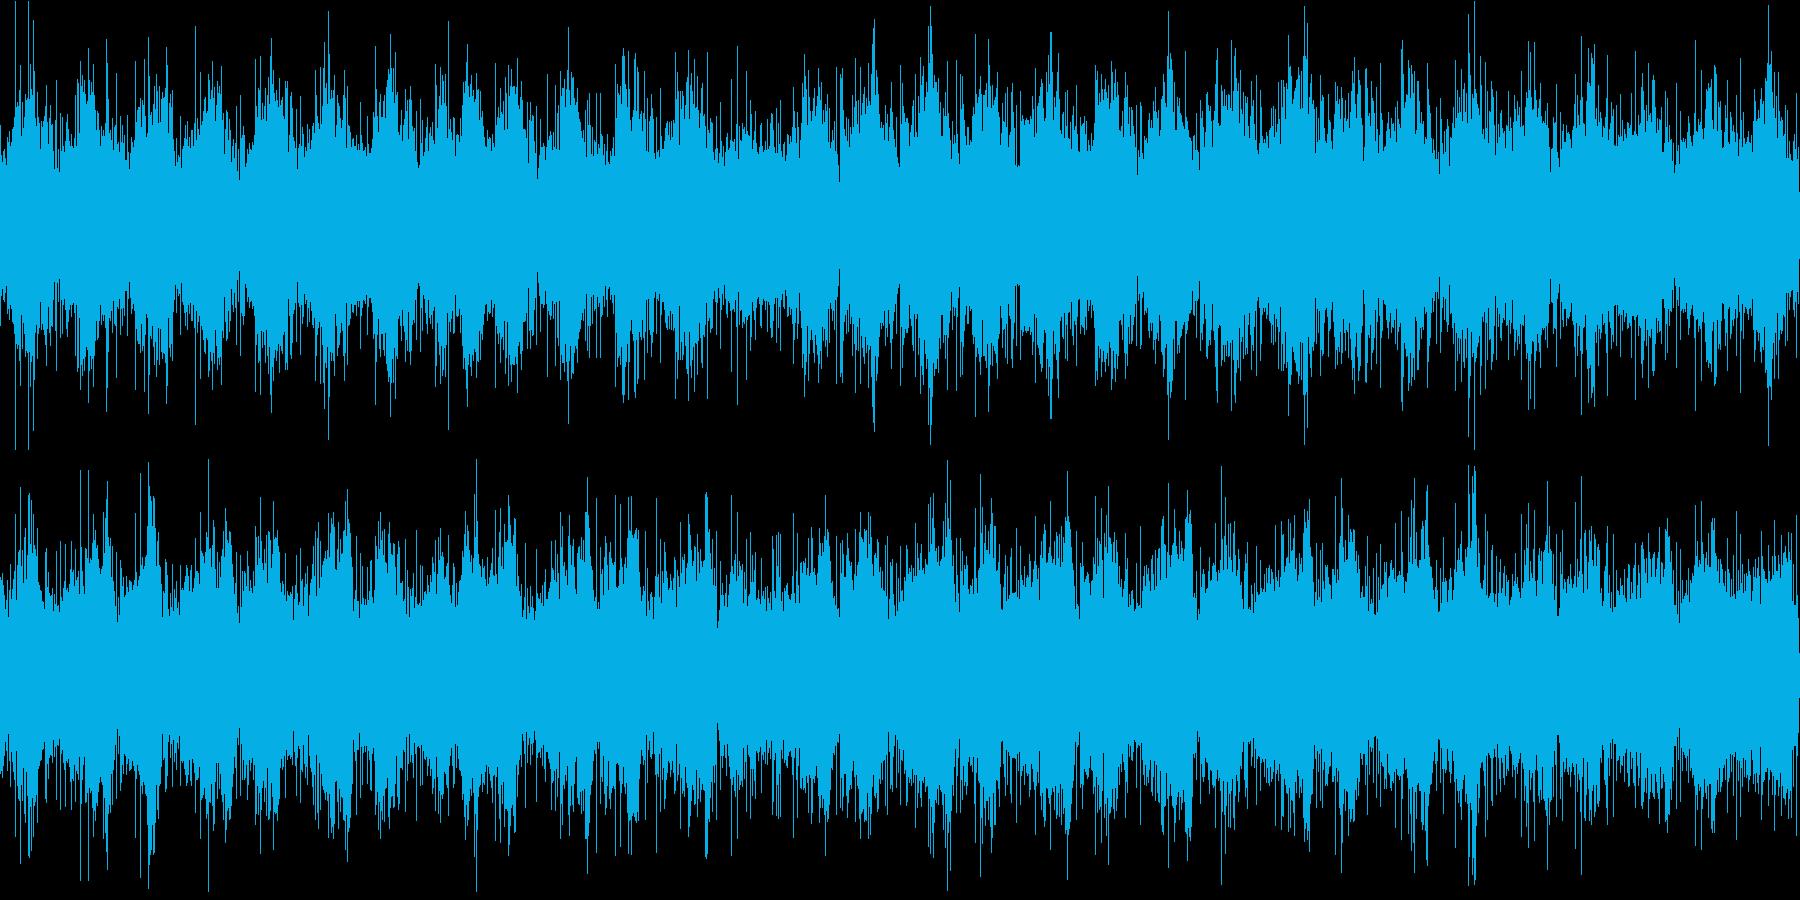 張り詰めた雰囲気のシリアスなBGMループの再生済みの波形